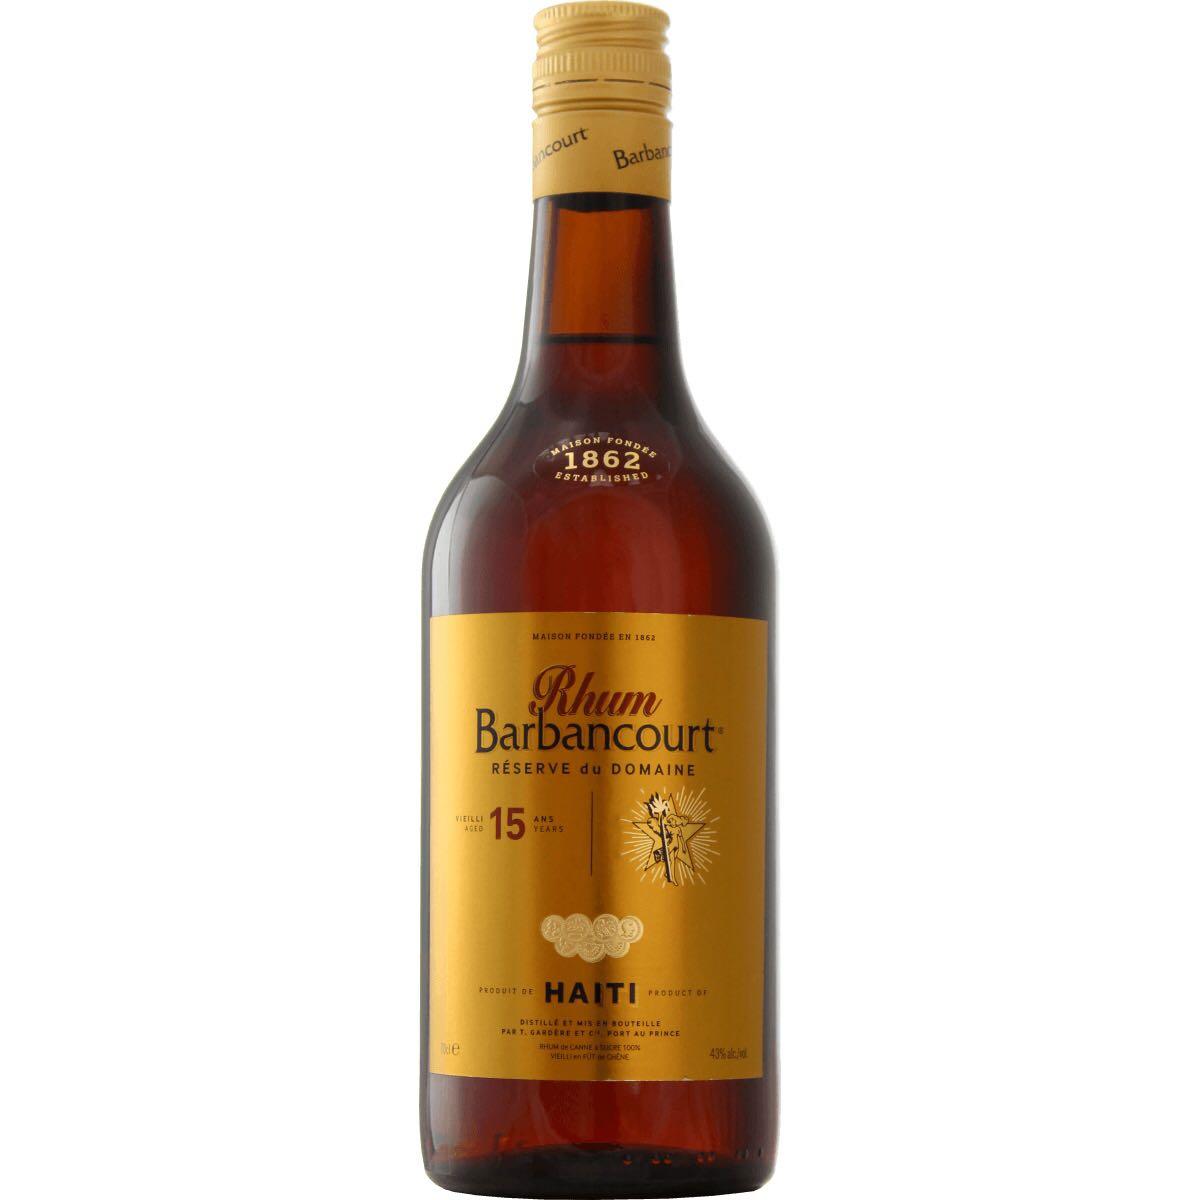 Bottle image of Rhum vieux Réserve du Domaine